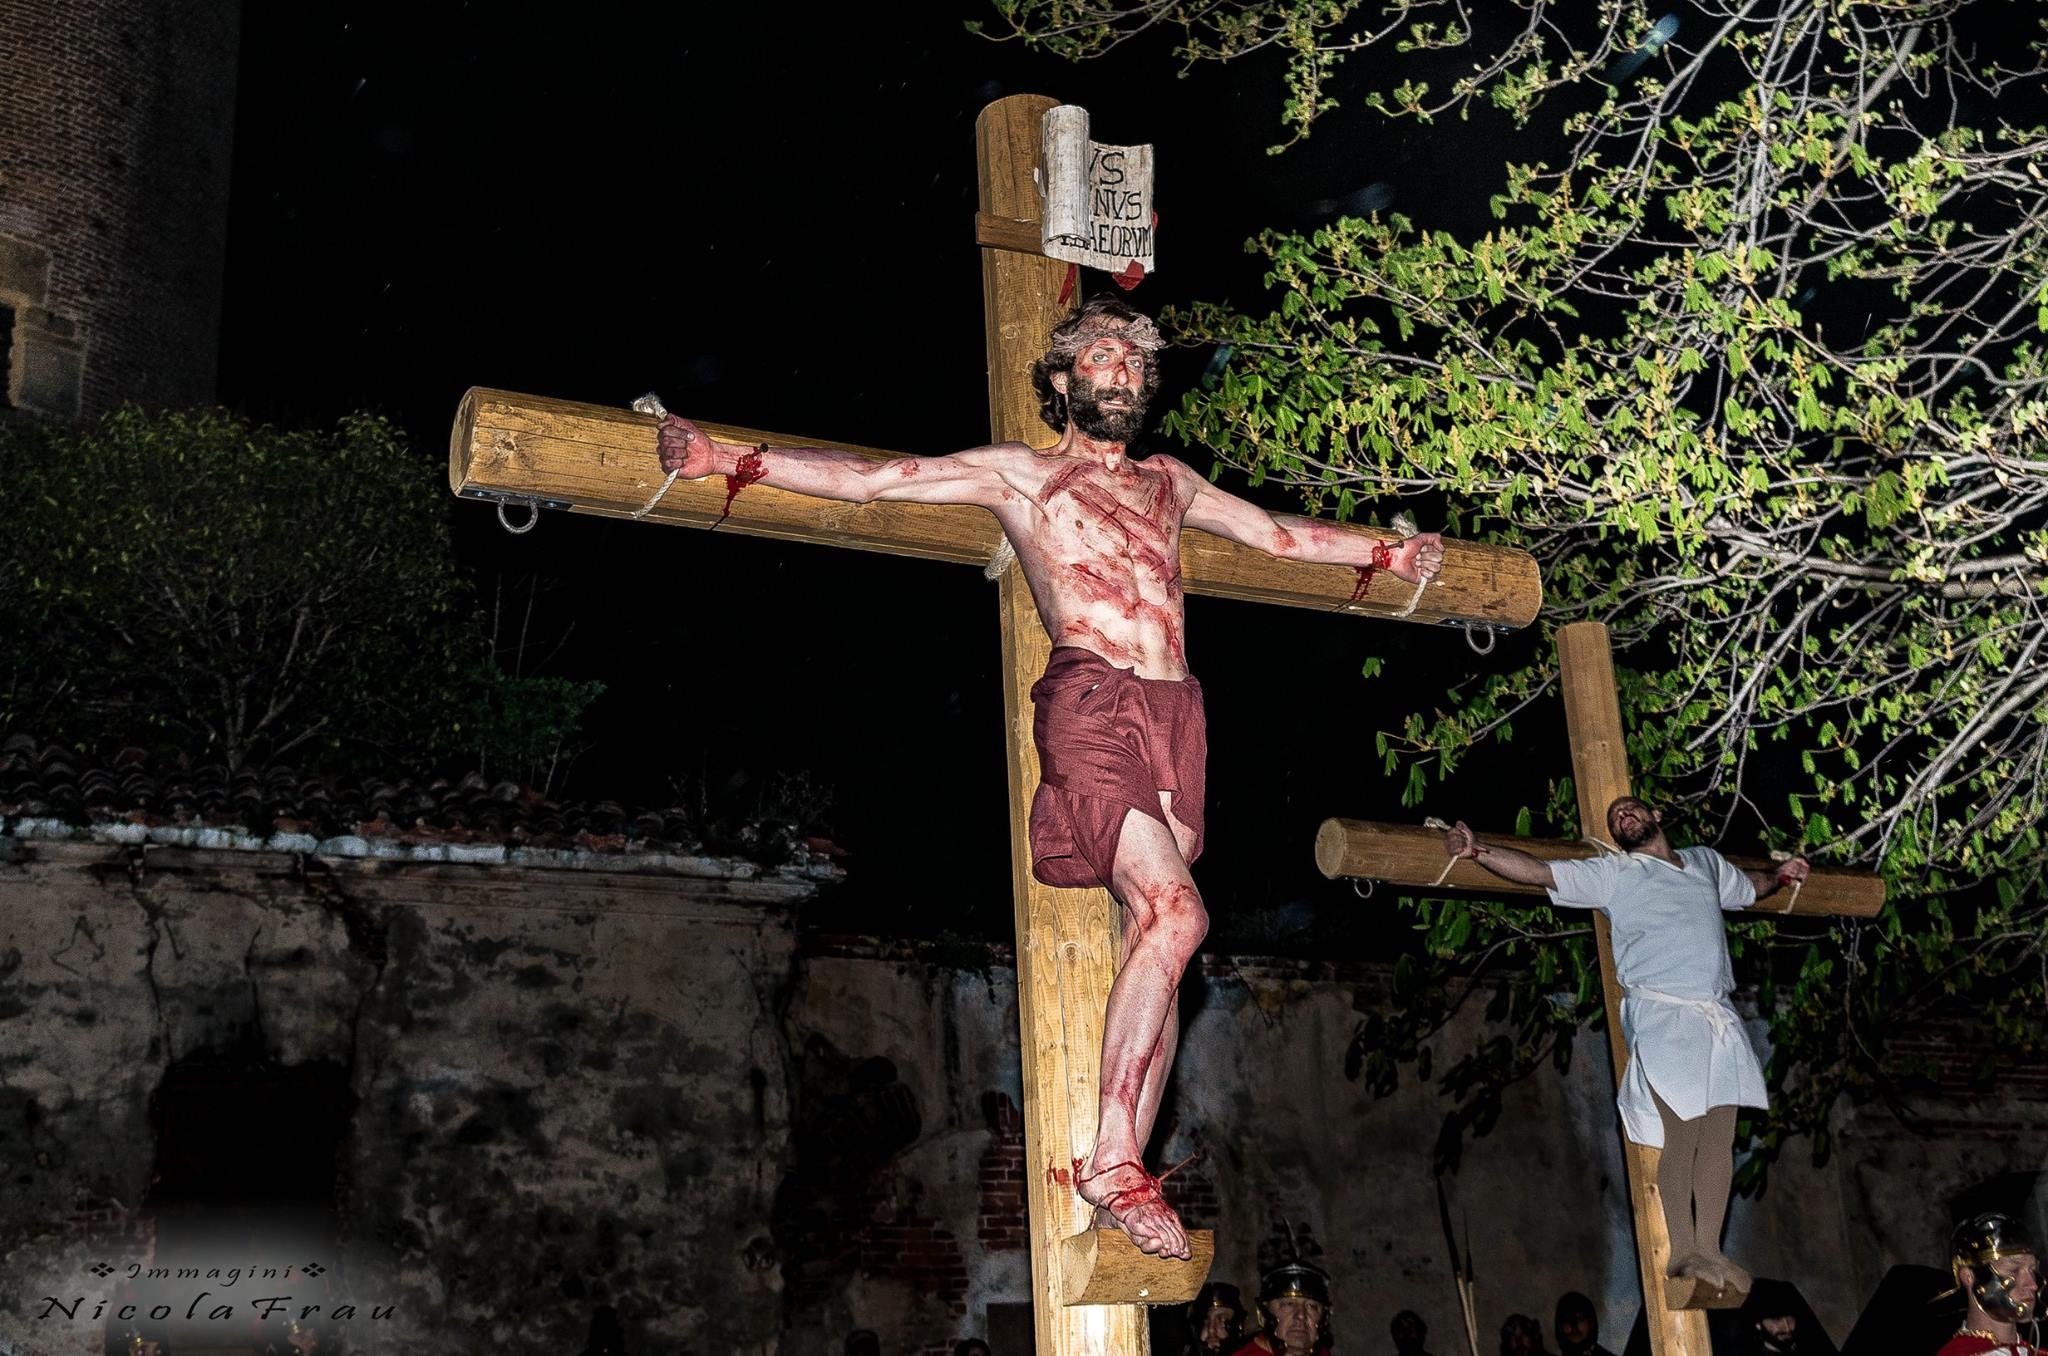 Passione di Cristo Ivrea 2017 - UNESCO - Nicola Frau (Il Cristo in Croce)